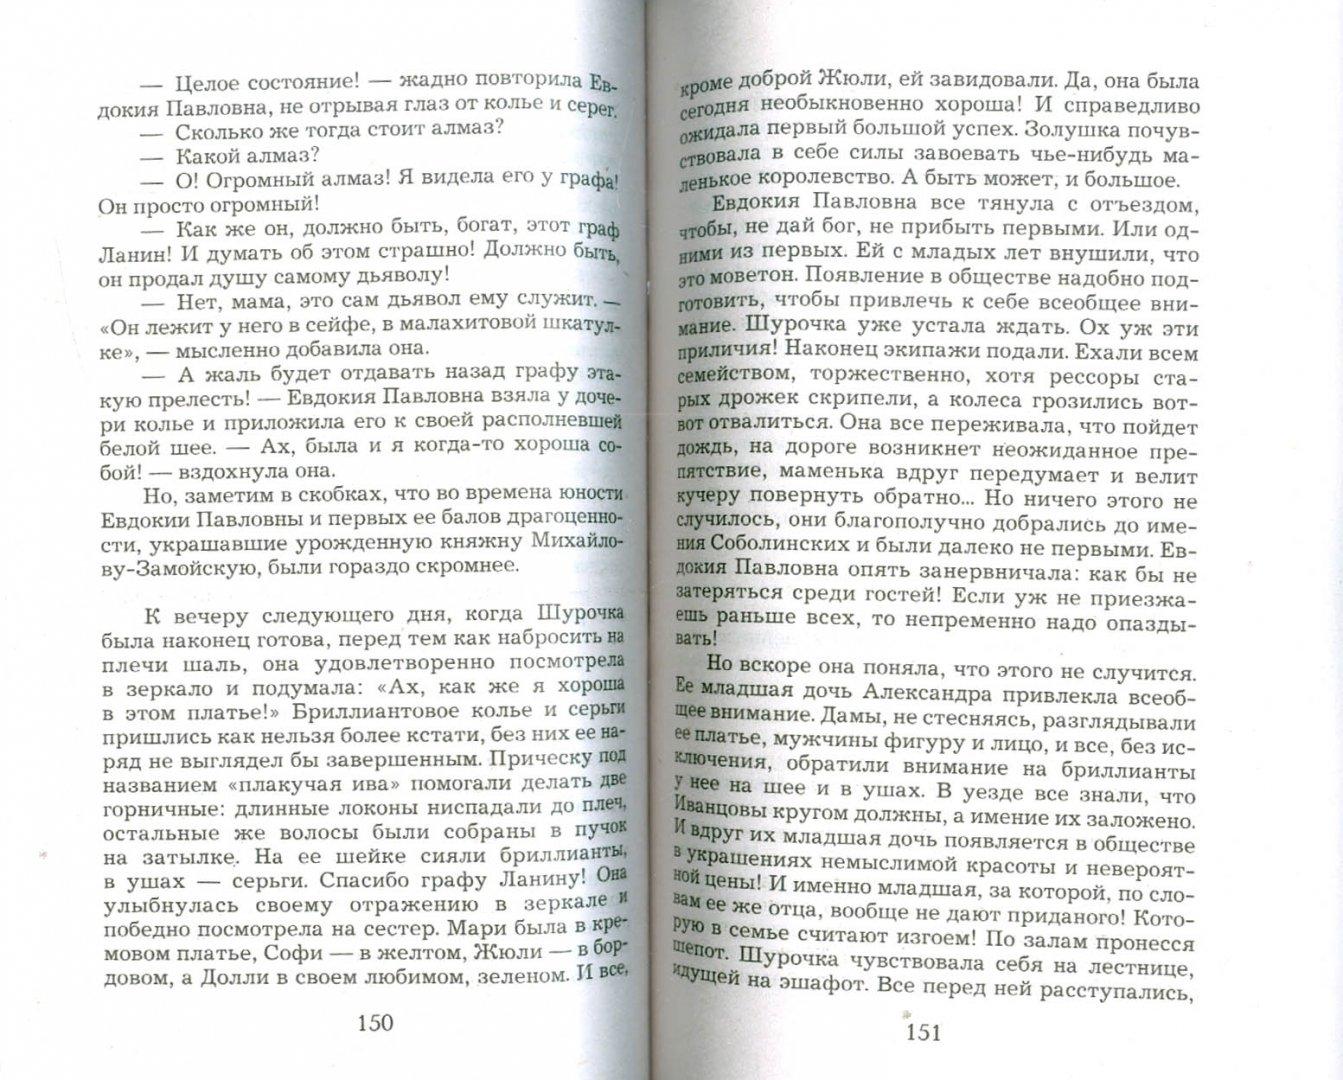 Иллюстрация 1 из 7 для Сто солнц в капле света - Наталья Андреева | Лабиринт - книги. Источник: Лабиринт